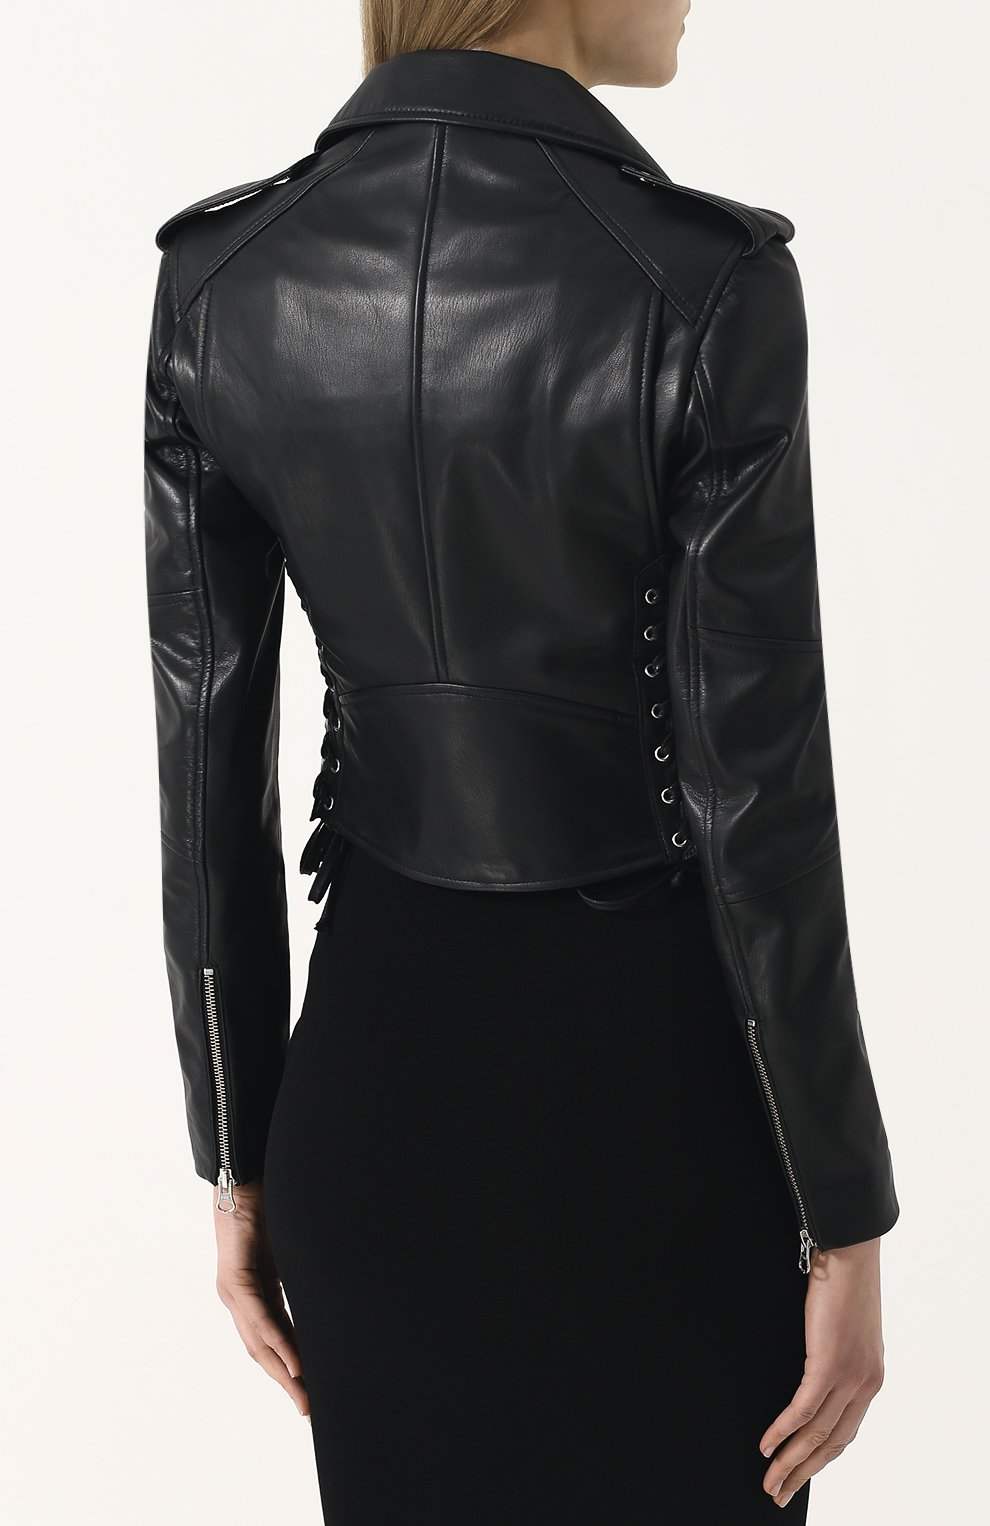 Женская приталенная кожаная куртка с косой молнией MCQ черного цвета, арт. 456386/RKL04 | Фото 4